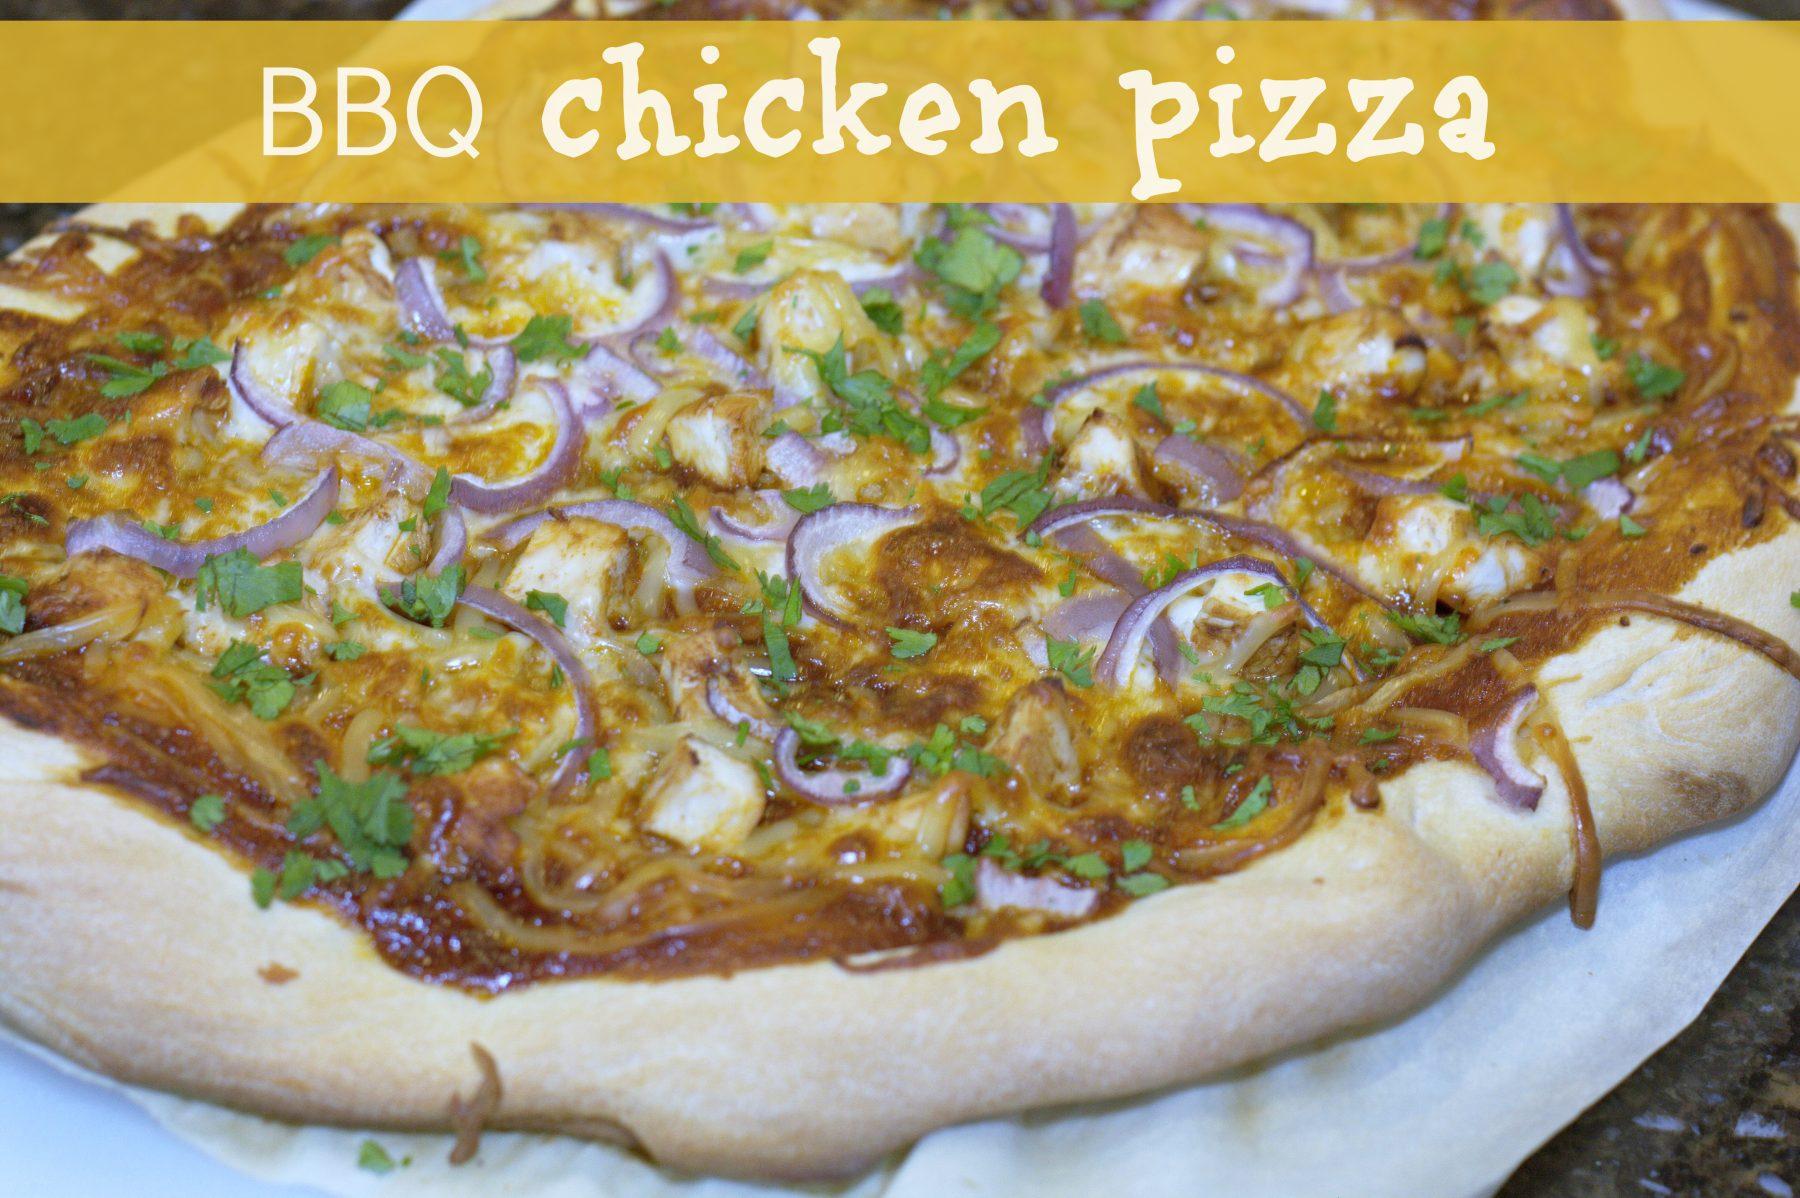 cpk california pizza kitchen recipe copycat copy cat bbq chicken